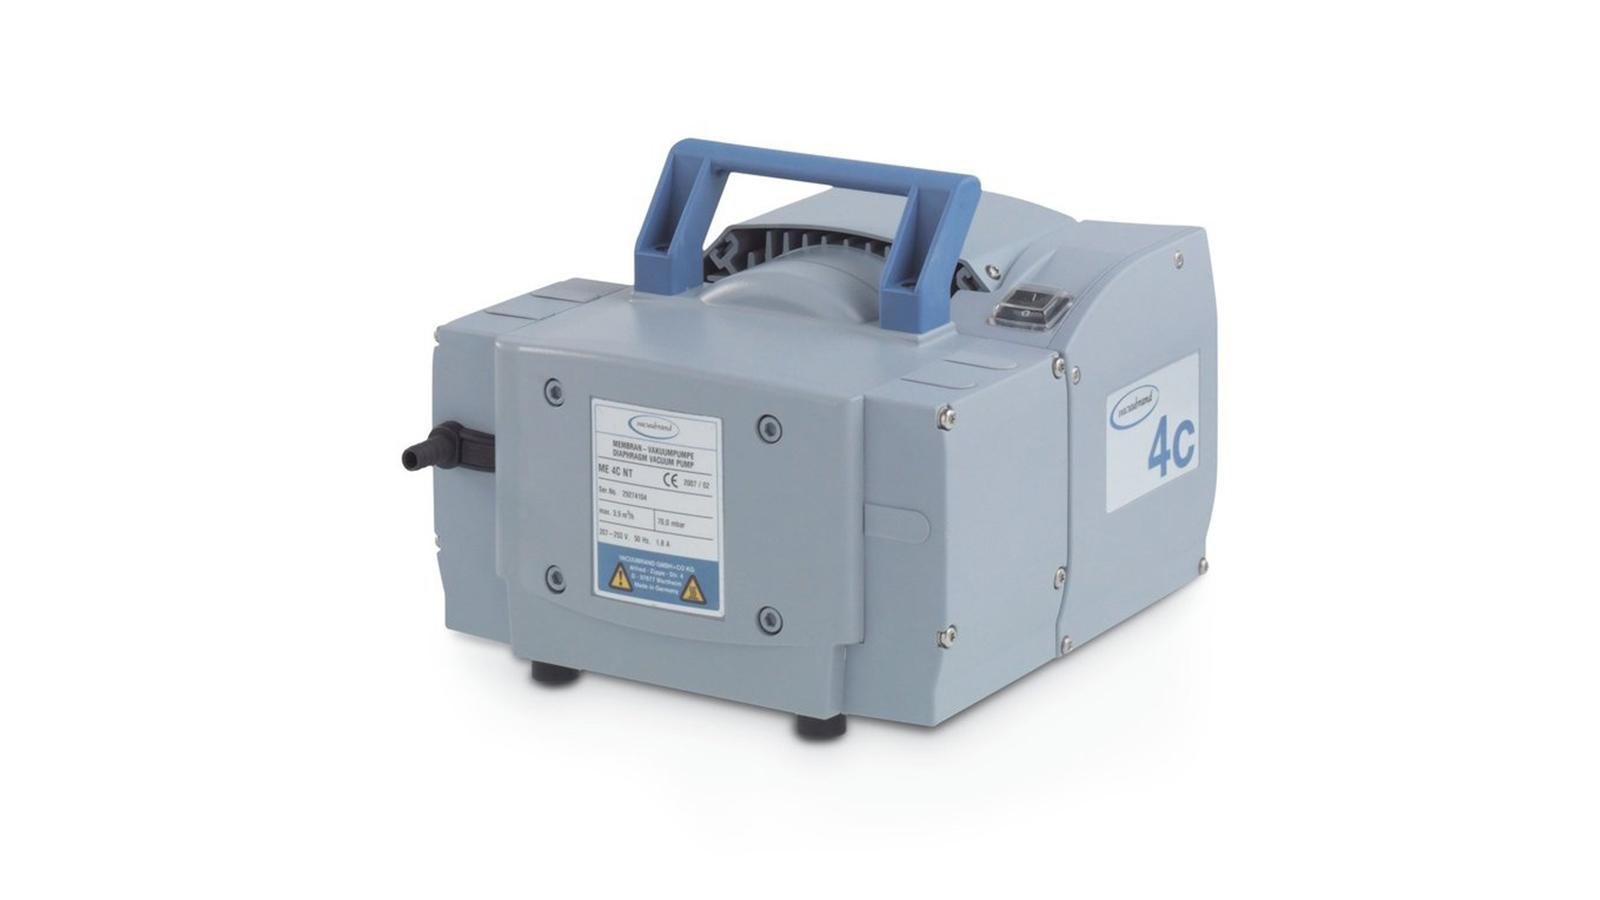 Vacuubrand ME 4C NT Vakum Pompası || Merlab Laboratuvar Ekipmanları